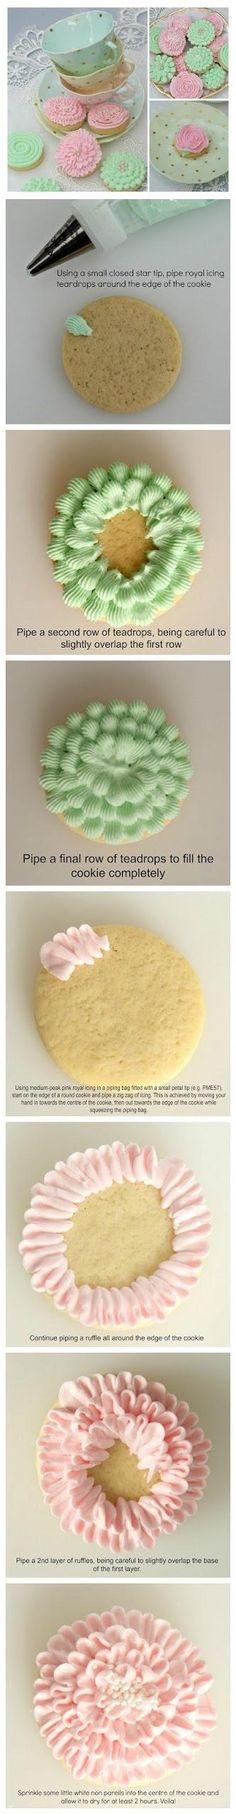 Tutoriales Cake